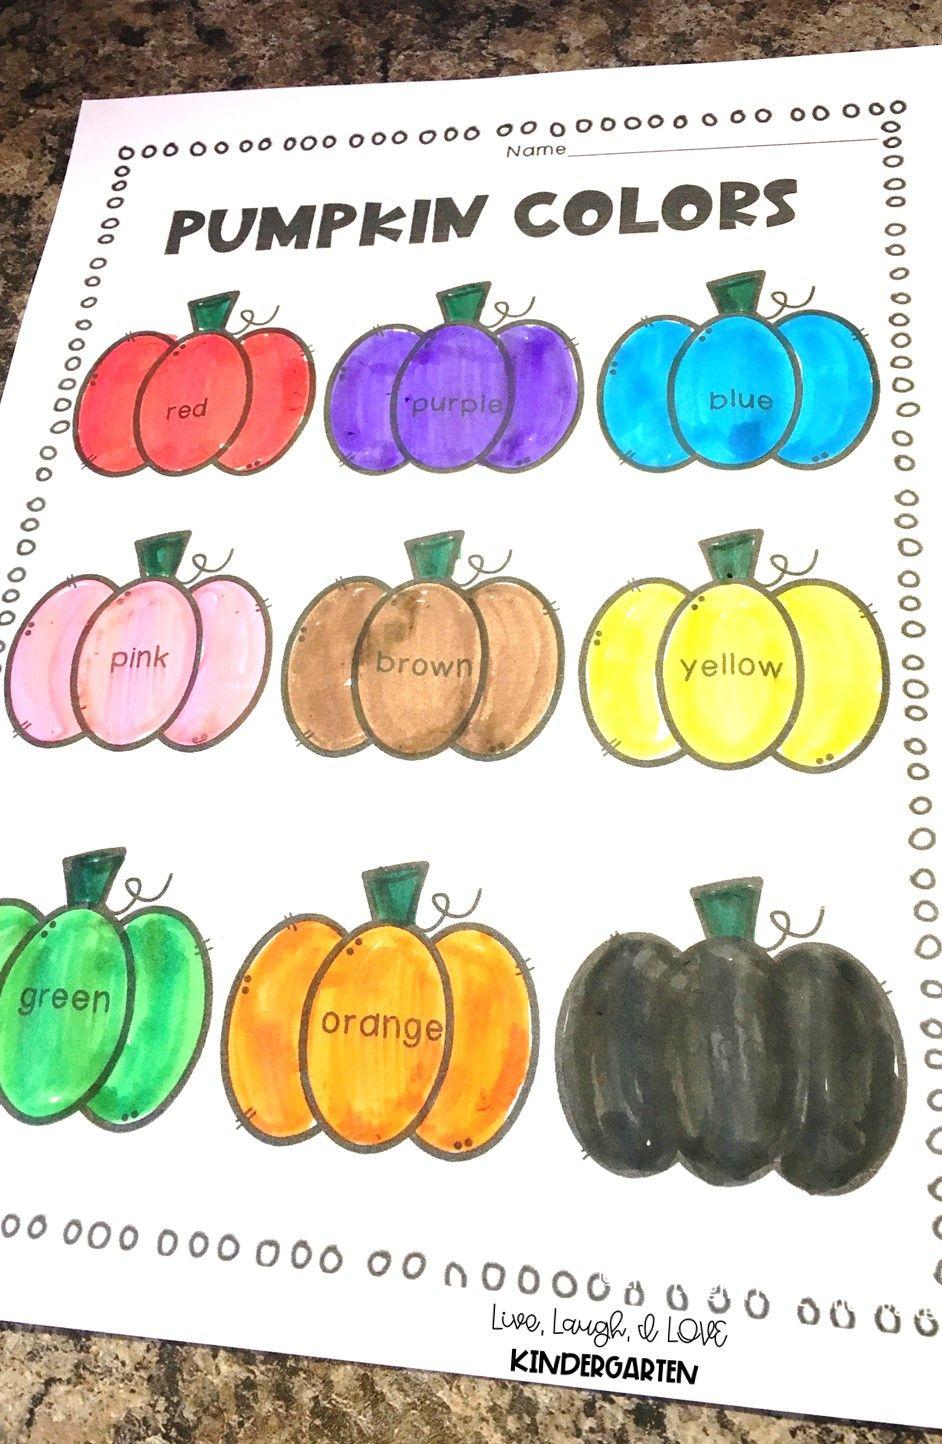 Pumpkin Colors Pumpkin Colors Color Activities October Activities [ 1444 x 942 Pixel ]